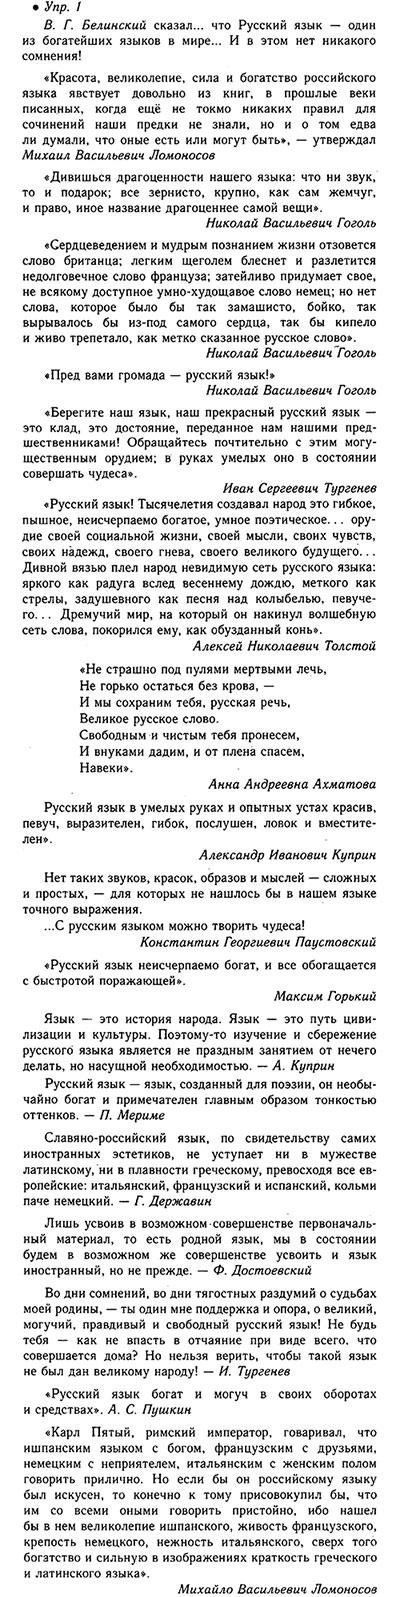 Гдз По Русскому Языку 6 Класс Львова И Львов 1 Часть Ответы